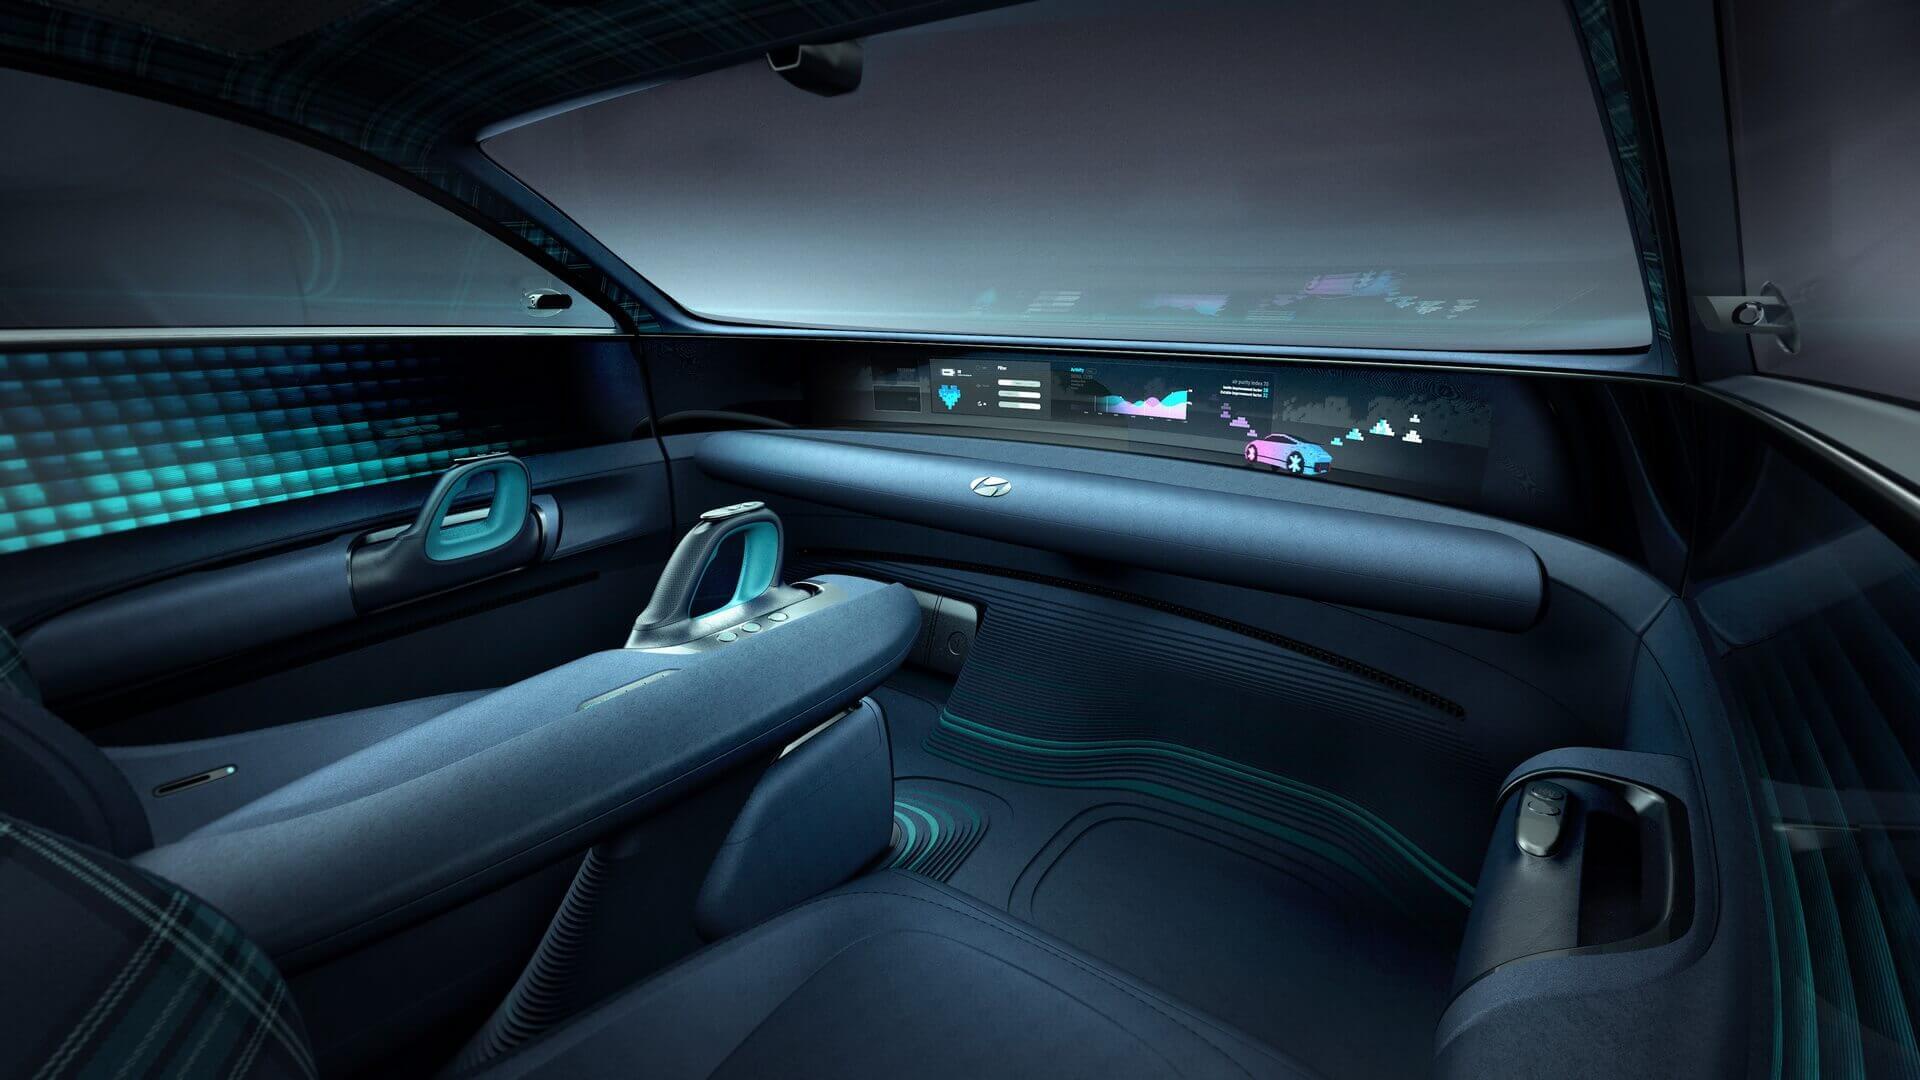 Інтер'єр Hyundai Prophecy: оптимальний комфорт інова філософія управління електромобілем